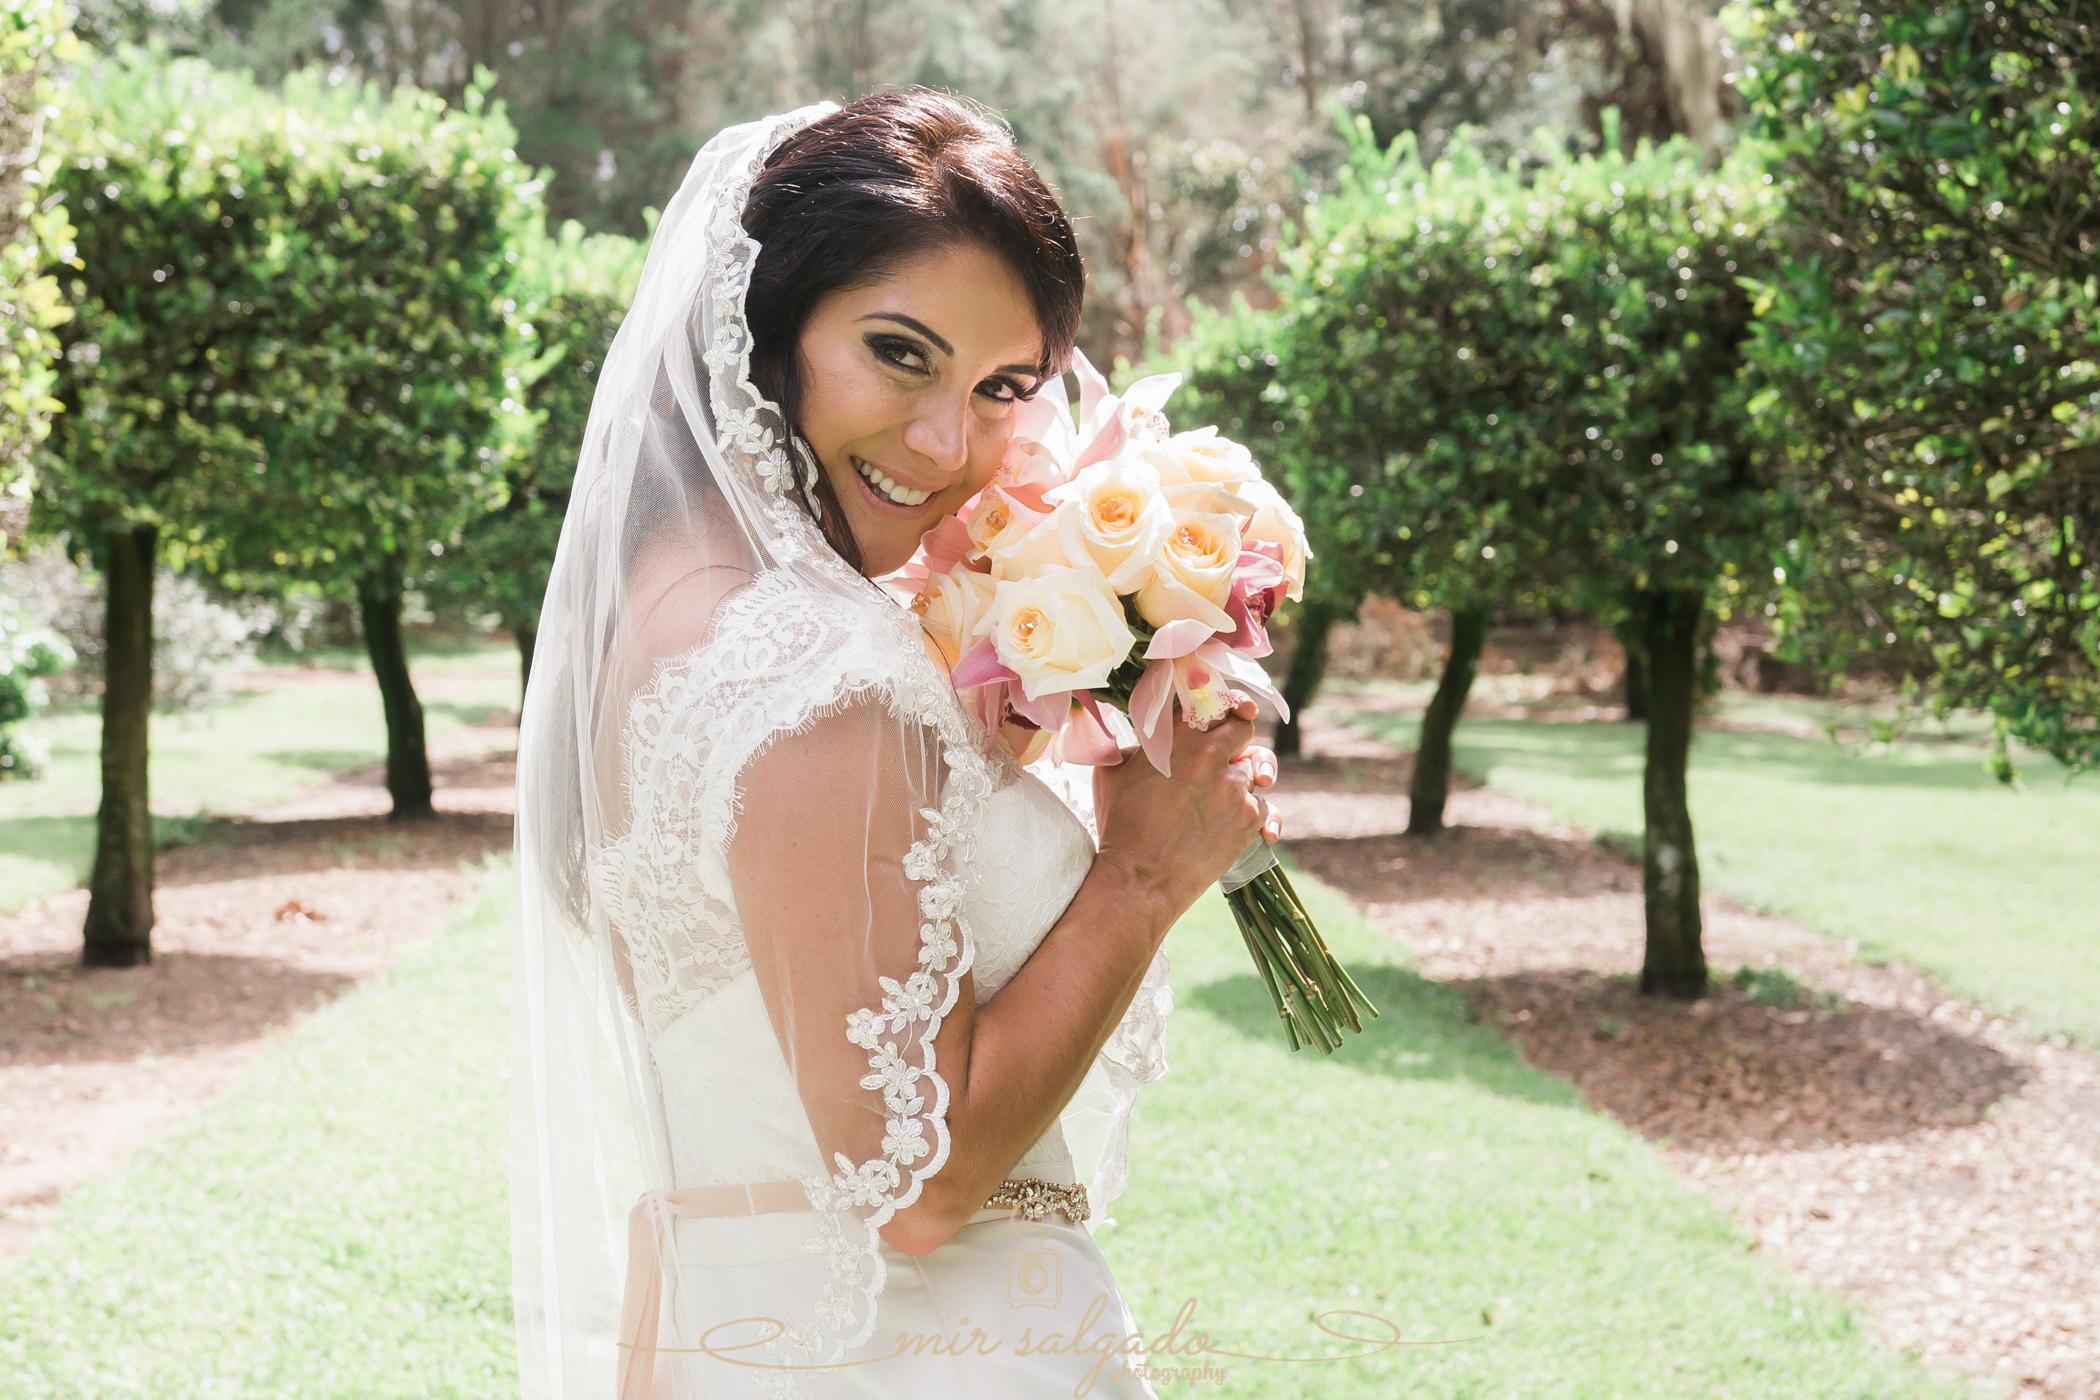 bride-photo, Bok-tower-gardens-wedding-photo, Florida-garden-wedding-photo